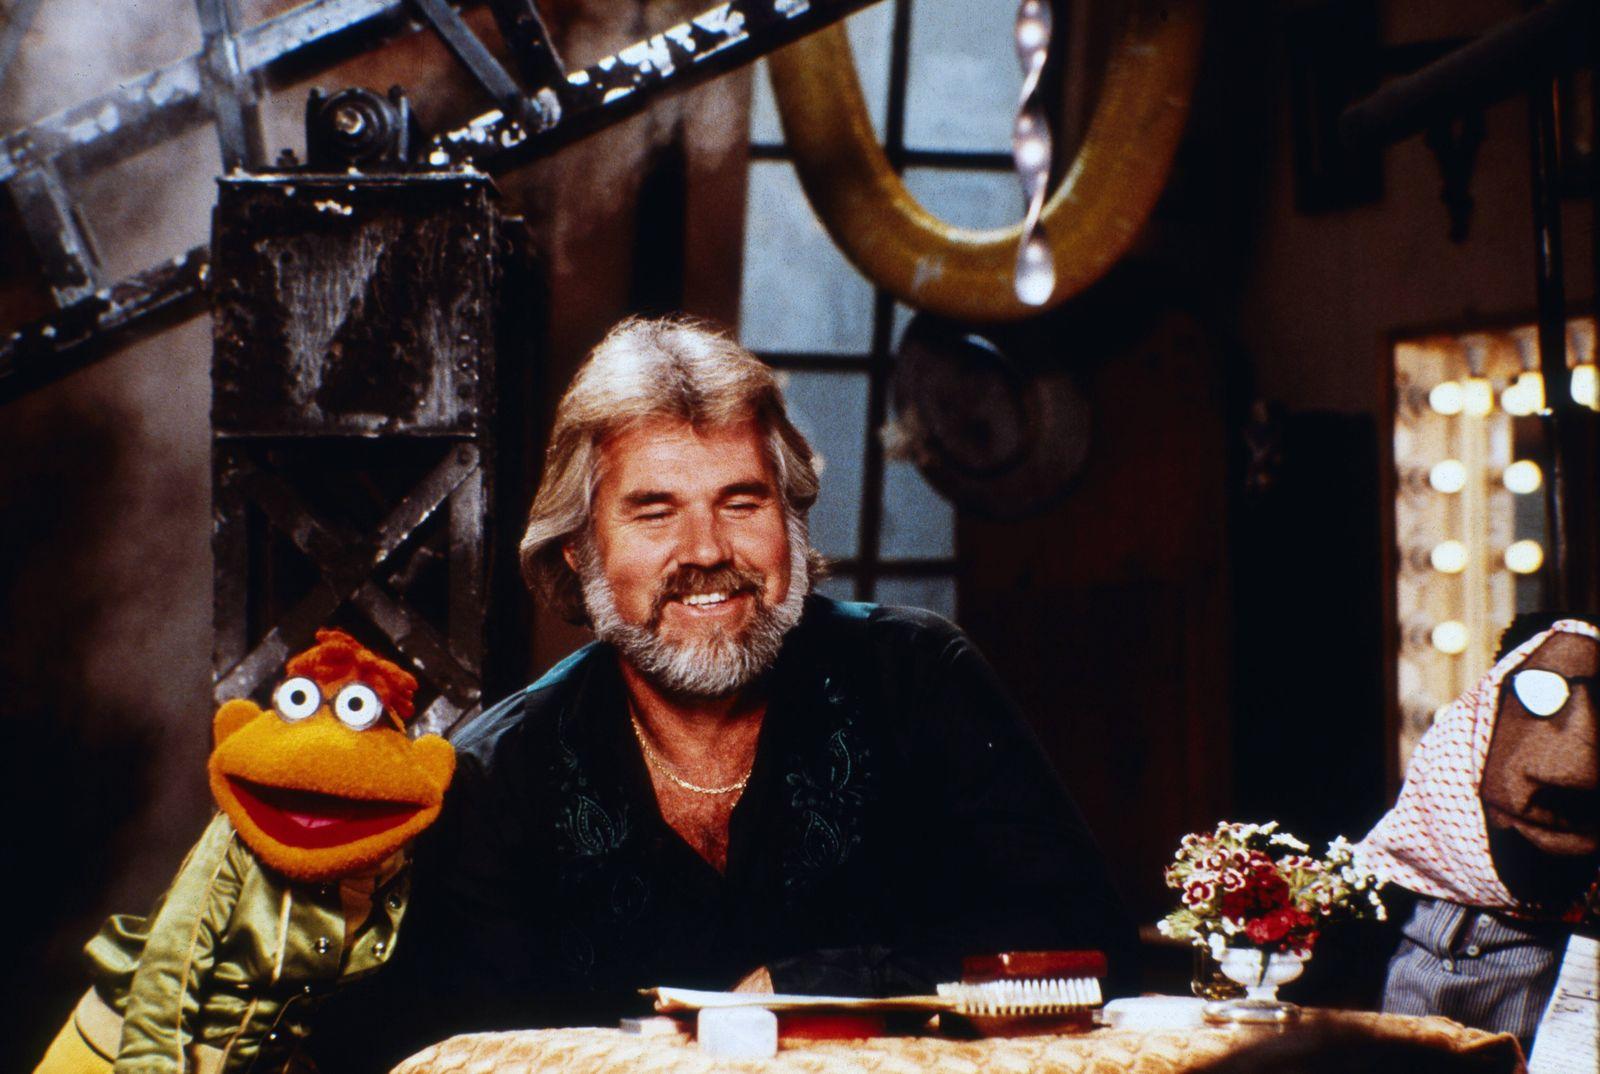 The Muppet Show, Fernsehserie, USA/Großbritannien 1976 - 1981, Comedyshow mit Puppen und Gaststar Kenny Rogers Copyrigh